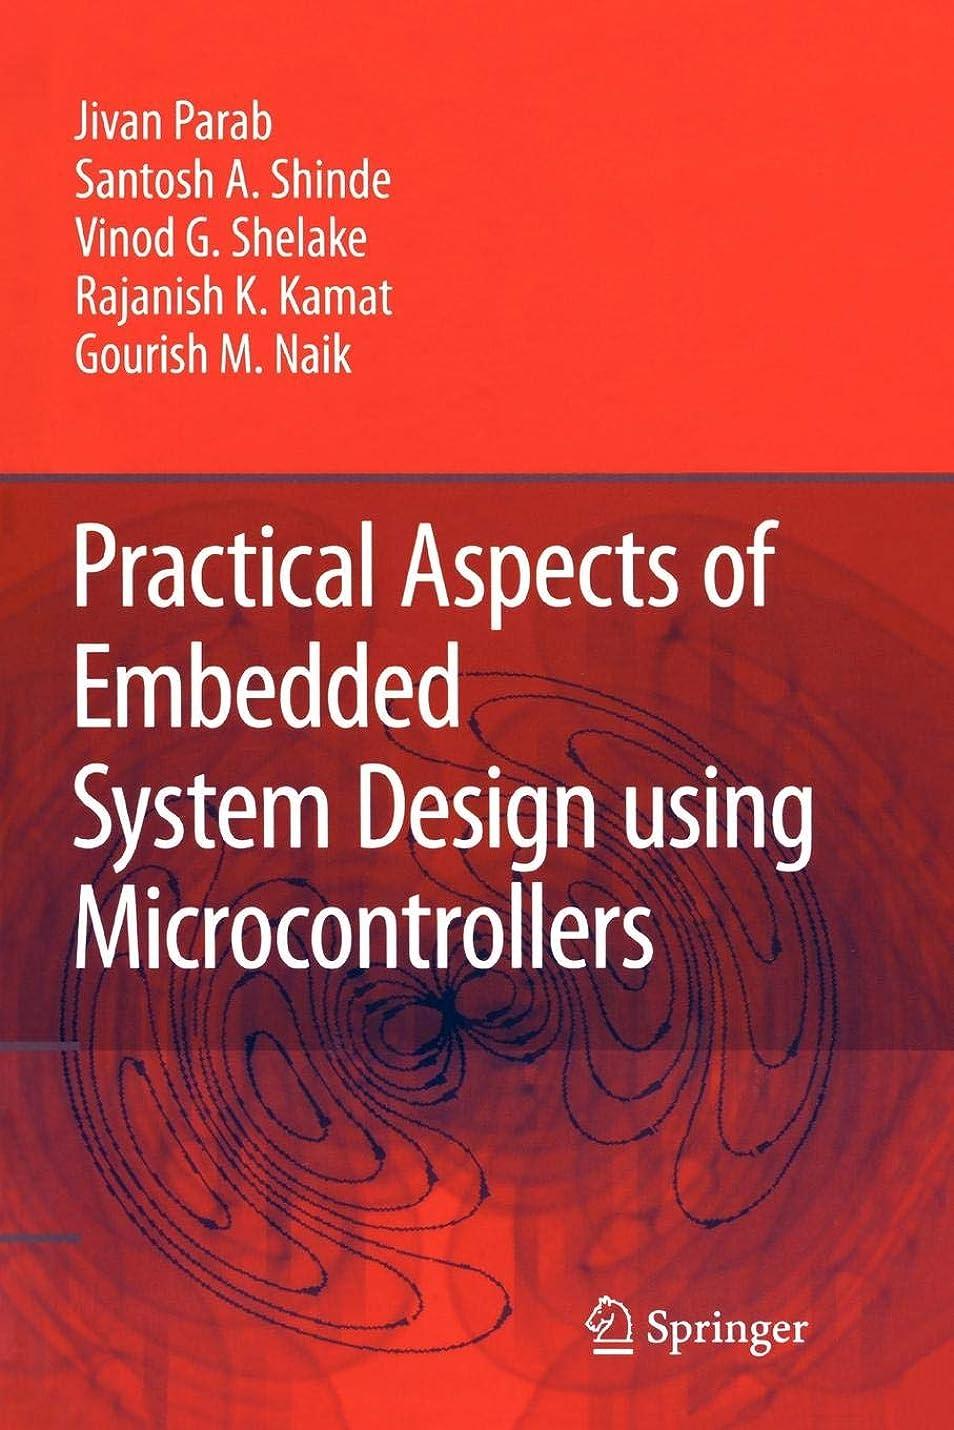 拮抗するありそう保守的Practical Aspects of Embedded System Design using Microcontrollers